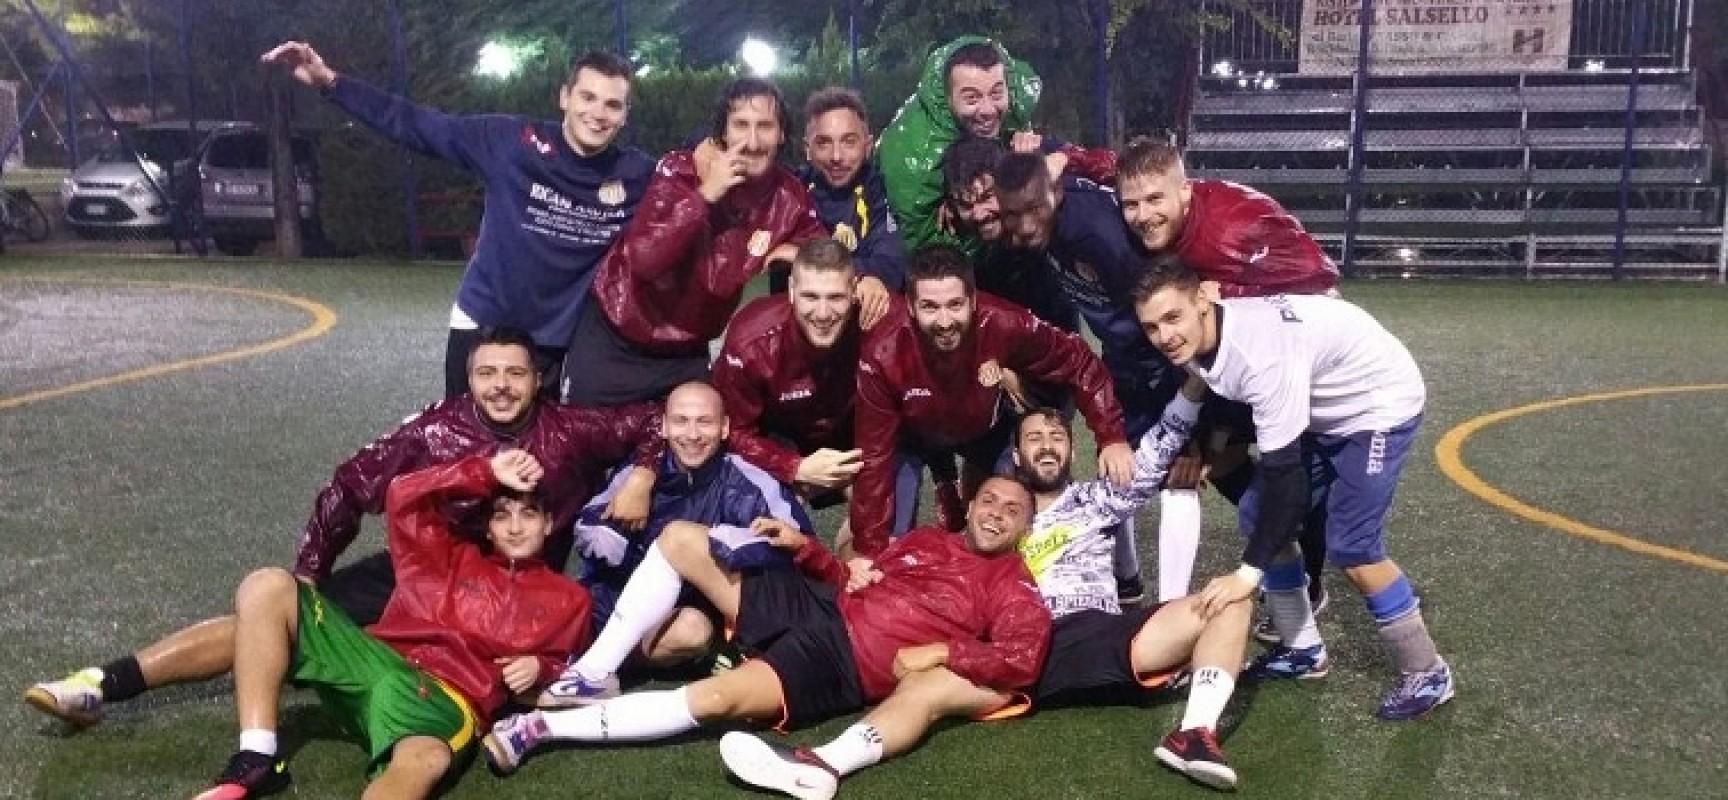 Calcio a 5: il Santos Club ne fa sette al Macula Nox Molfetta / CLASSIFICA